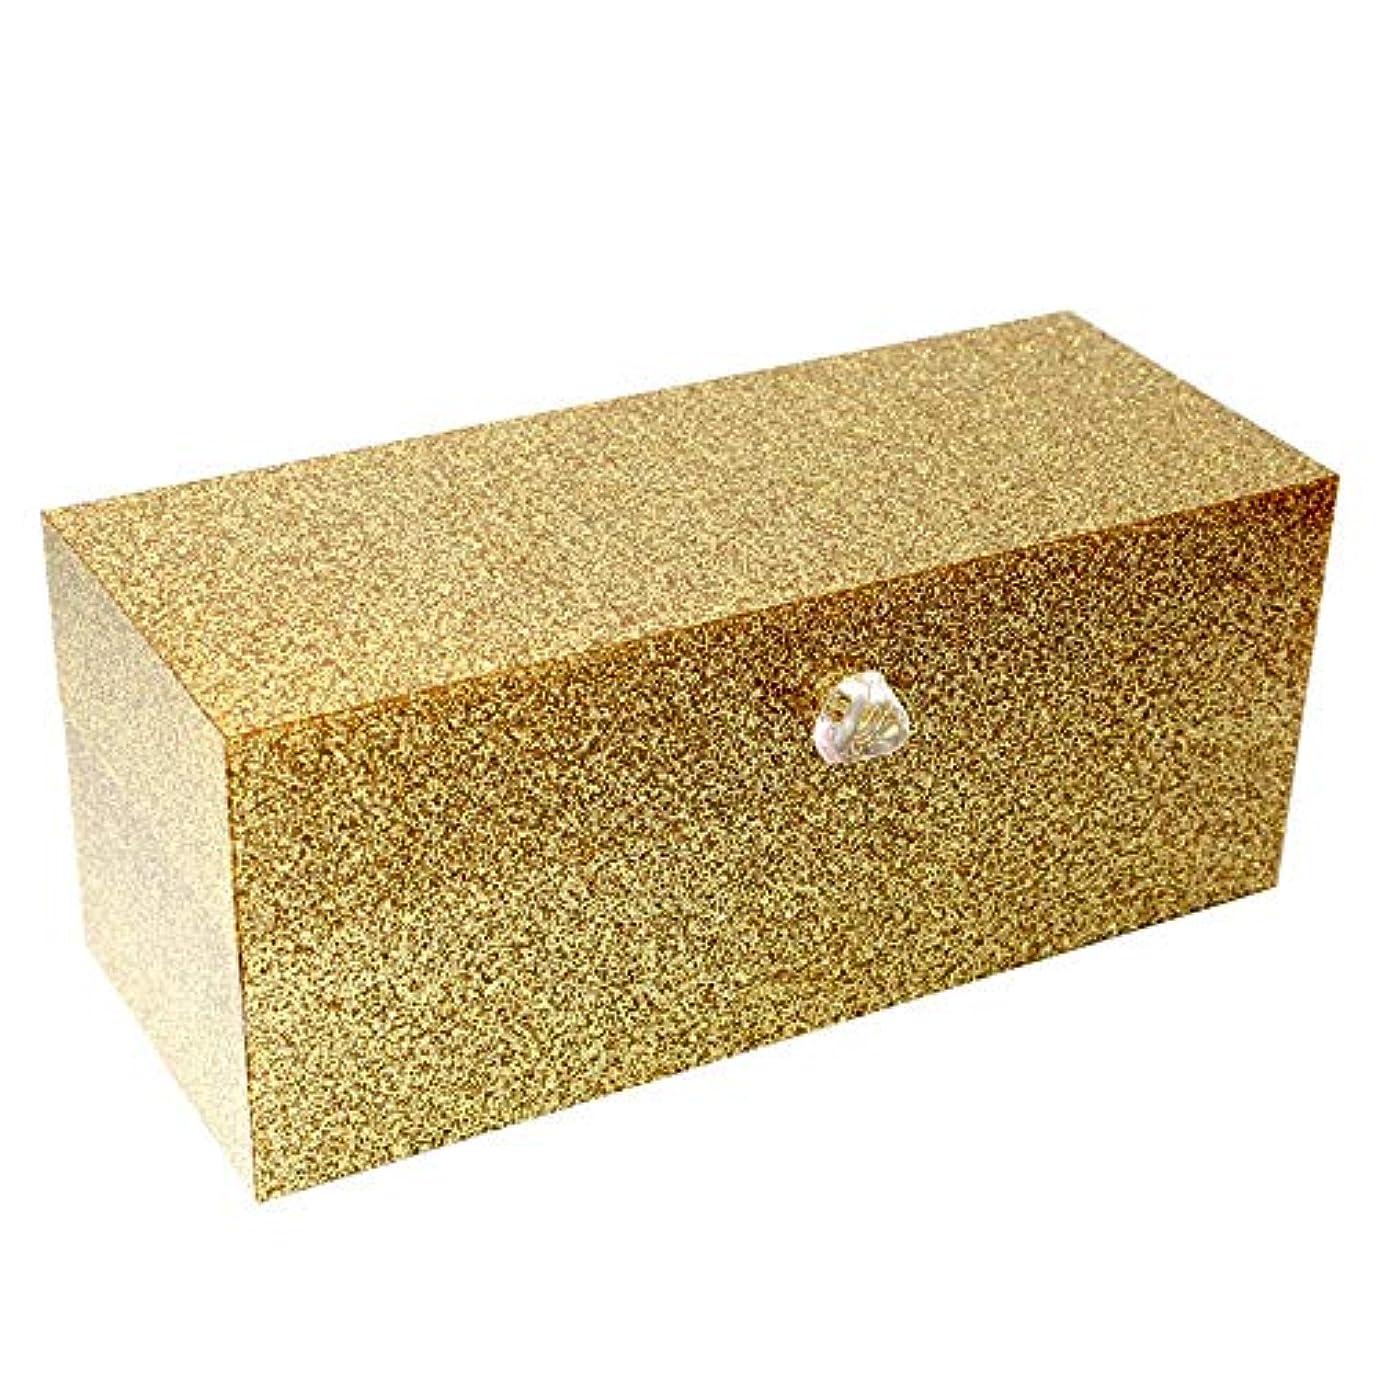 シャーロックホームズ囚人高く整理簡単 口紅のアクリルの付属品を収納するための24のコンパートメントが付いている簡単な構造の貯蔵ふたが付いているオルガナイザー(金) (Color : Gold, Size : 23*9.5*9.2CM)